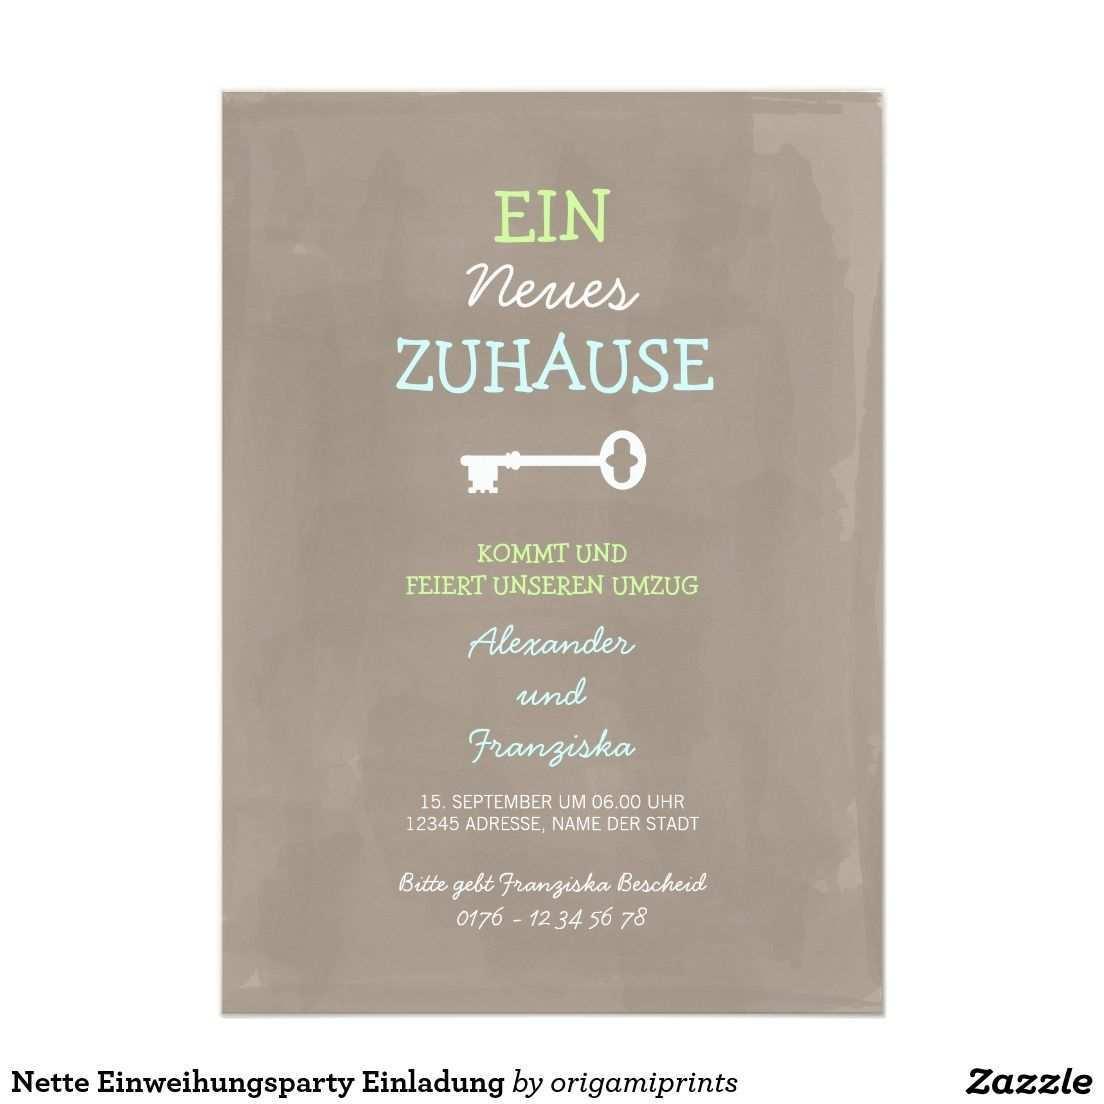 Nette Einweihungsparty Einladung Zazzle De Einweihungsparty Einladungen Einladung Richtfest